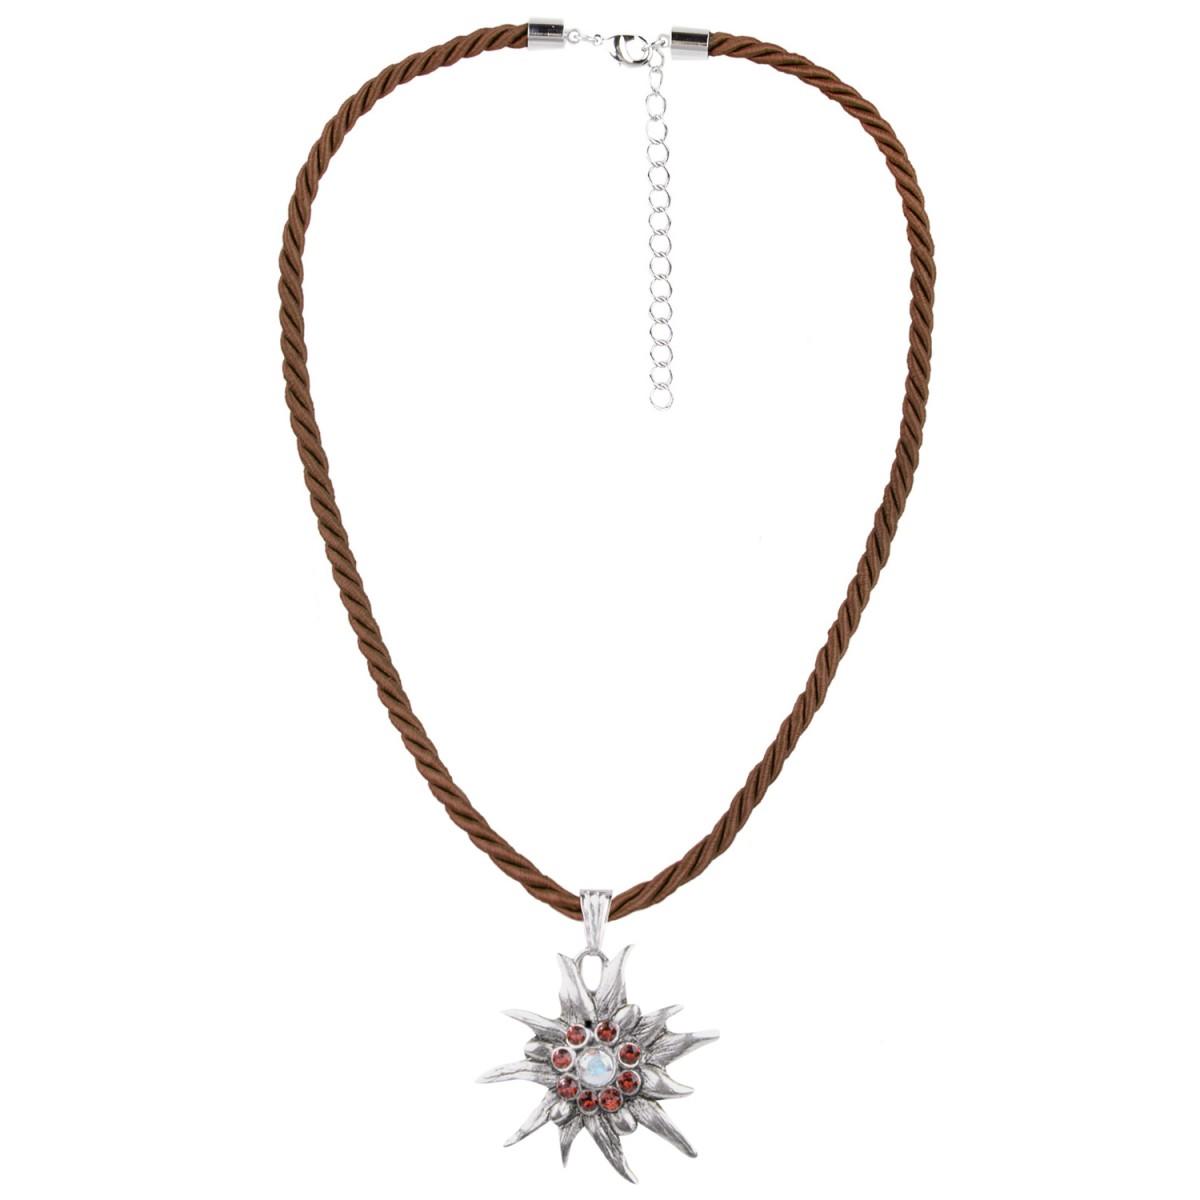 Halskette mit Edelweißanhänger in Braun von Schlick Accessoires günstig online kaufen